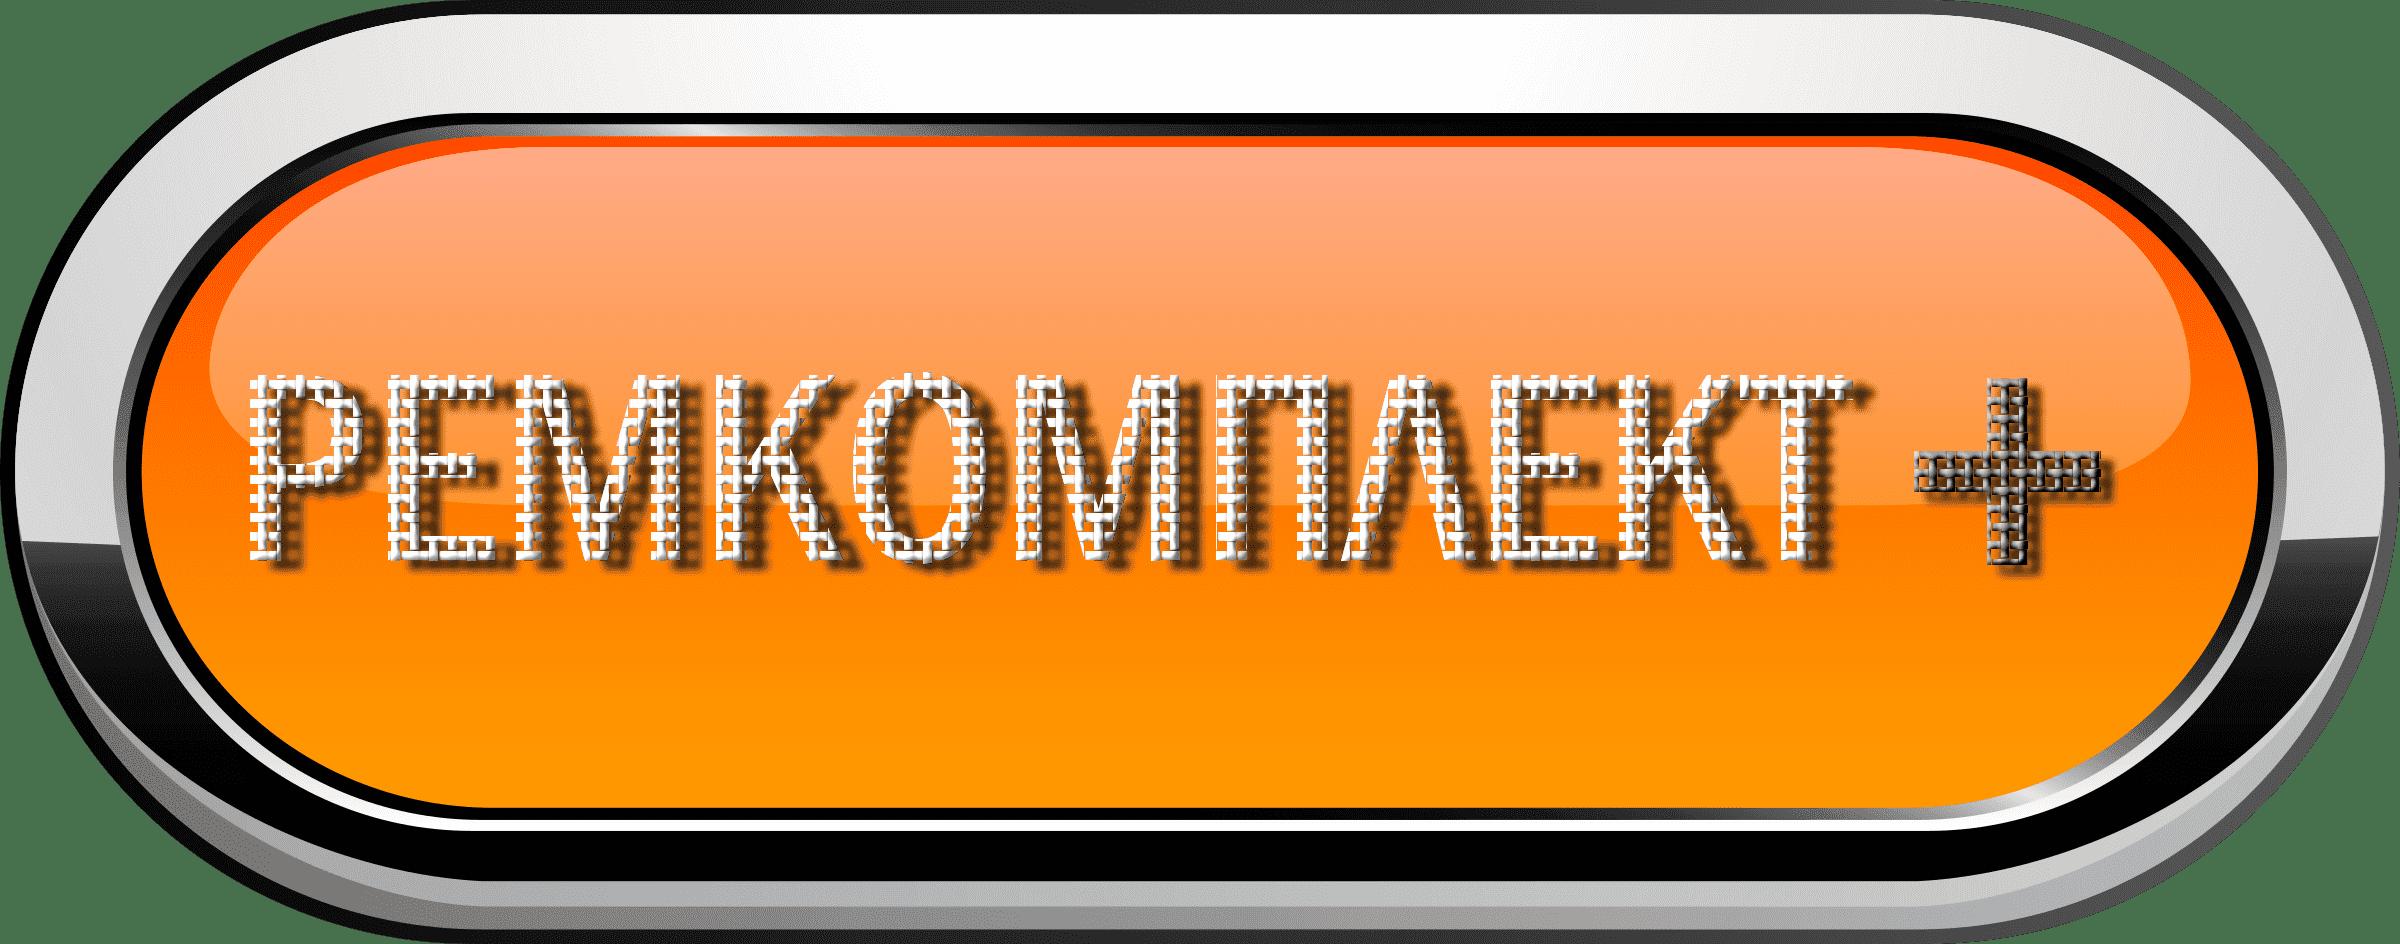 РЕМКОМПЛЕКТ-СПБ